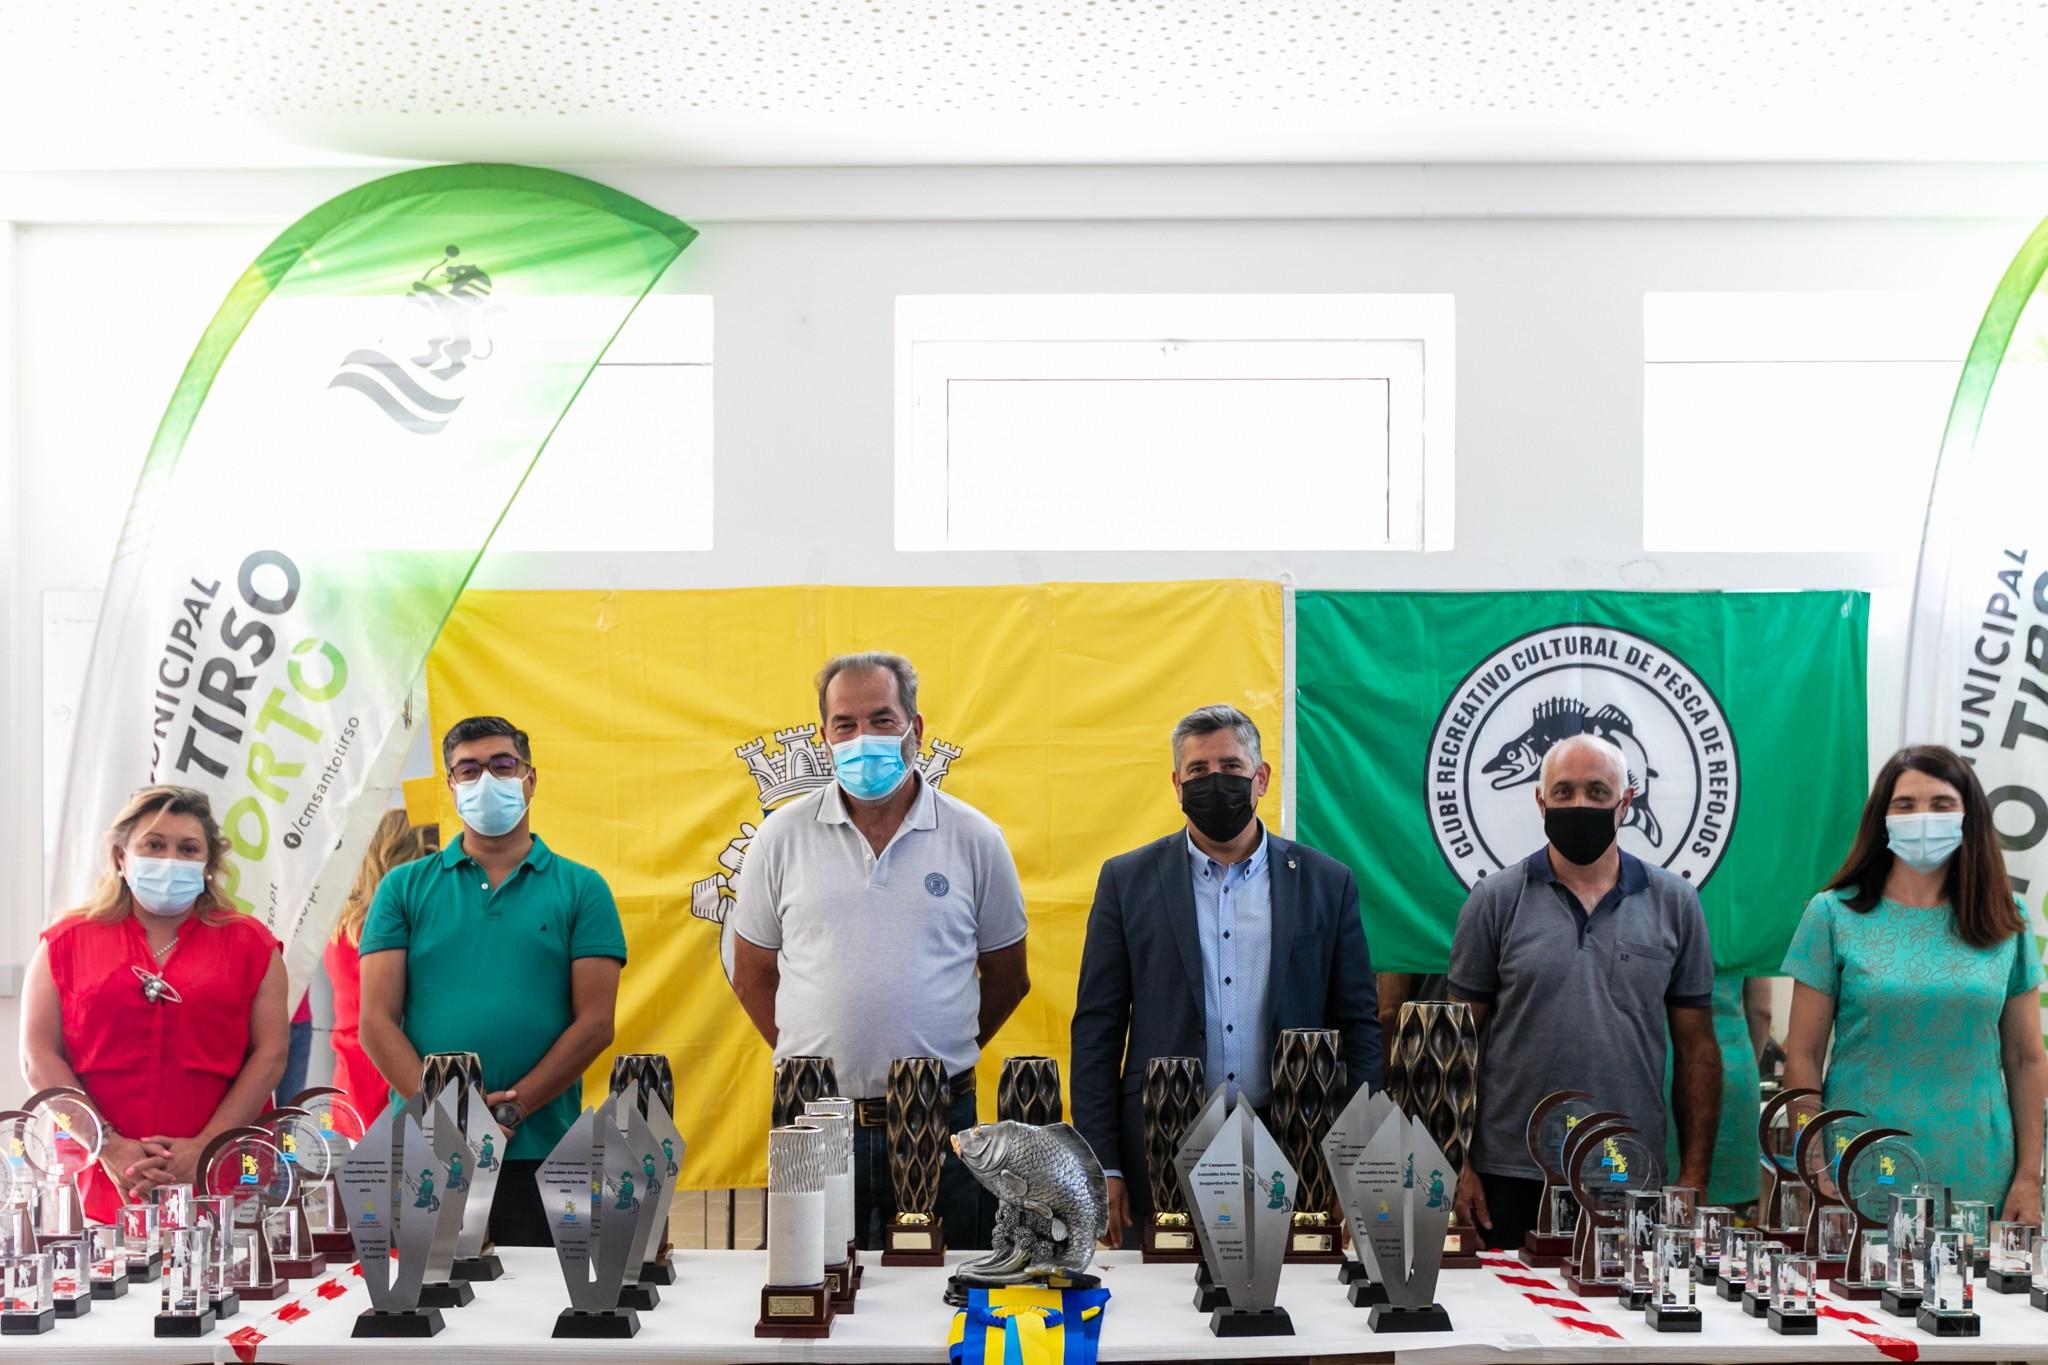 Vencedores do 30º Campeonato Concelhio de Pesca Desportiva de Rio receberam prémios